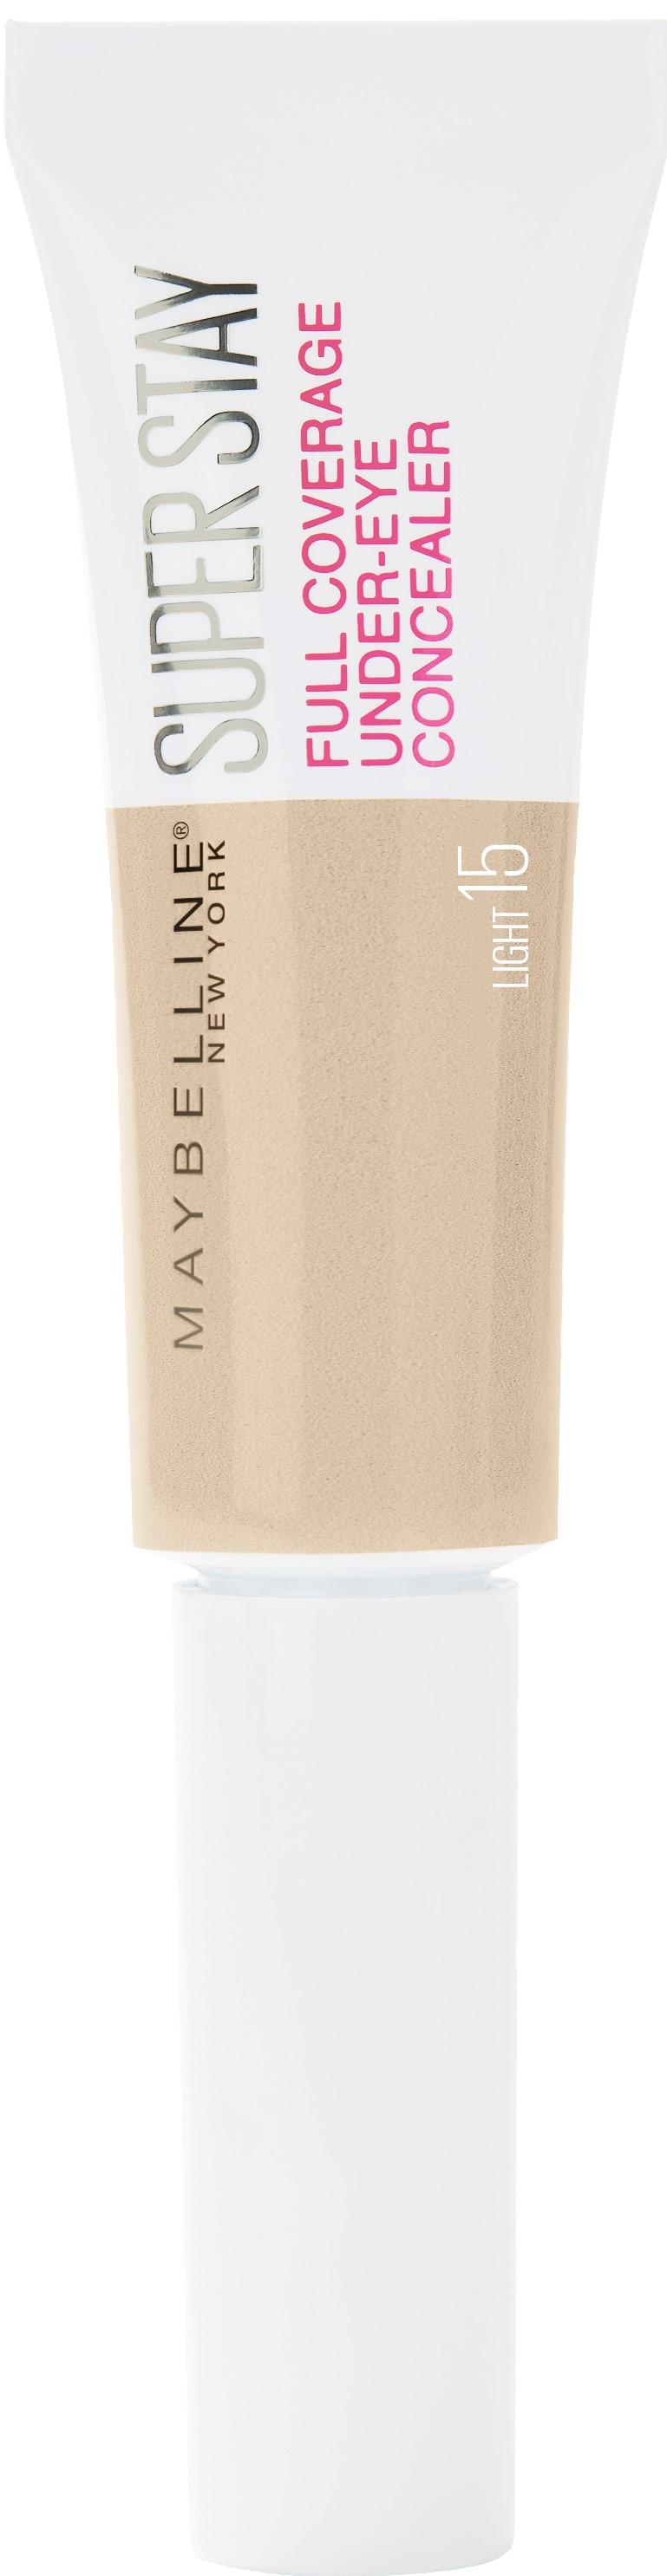 Maybelline - Superstay Full Coverage Under-Eye Concealer - 15 Light